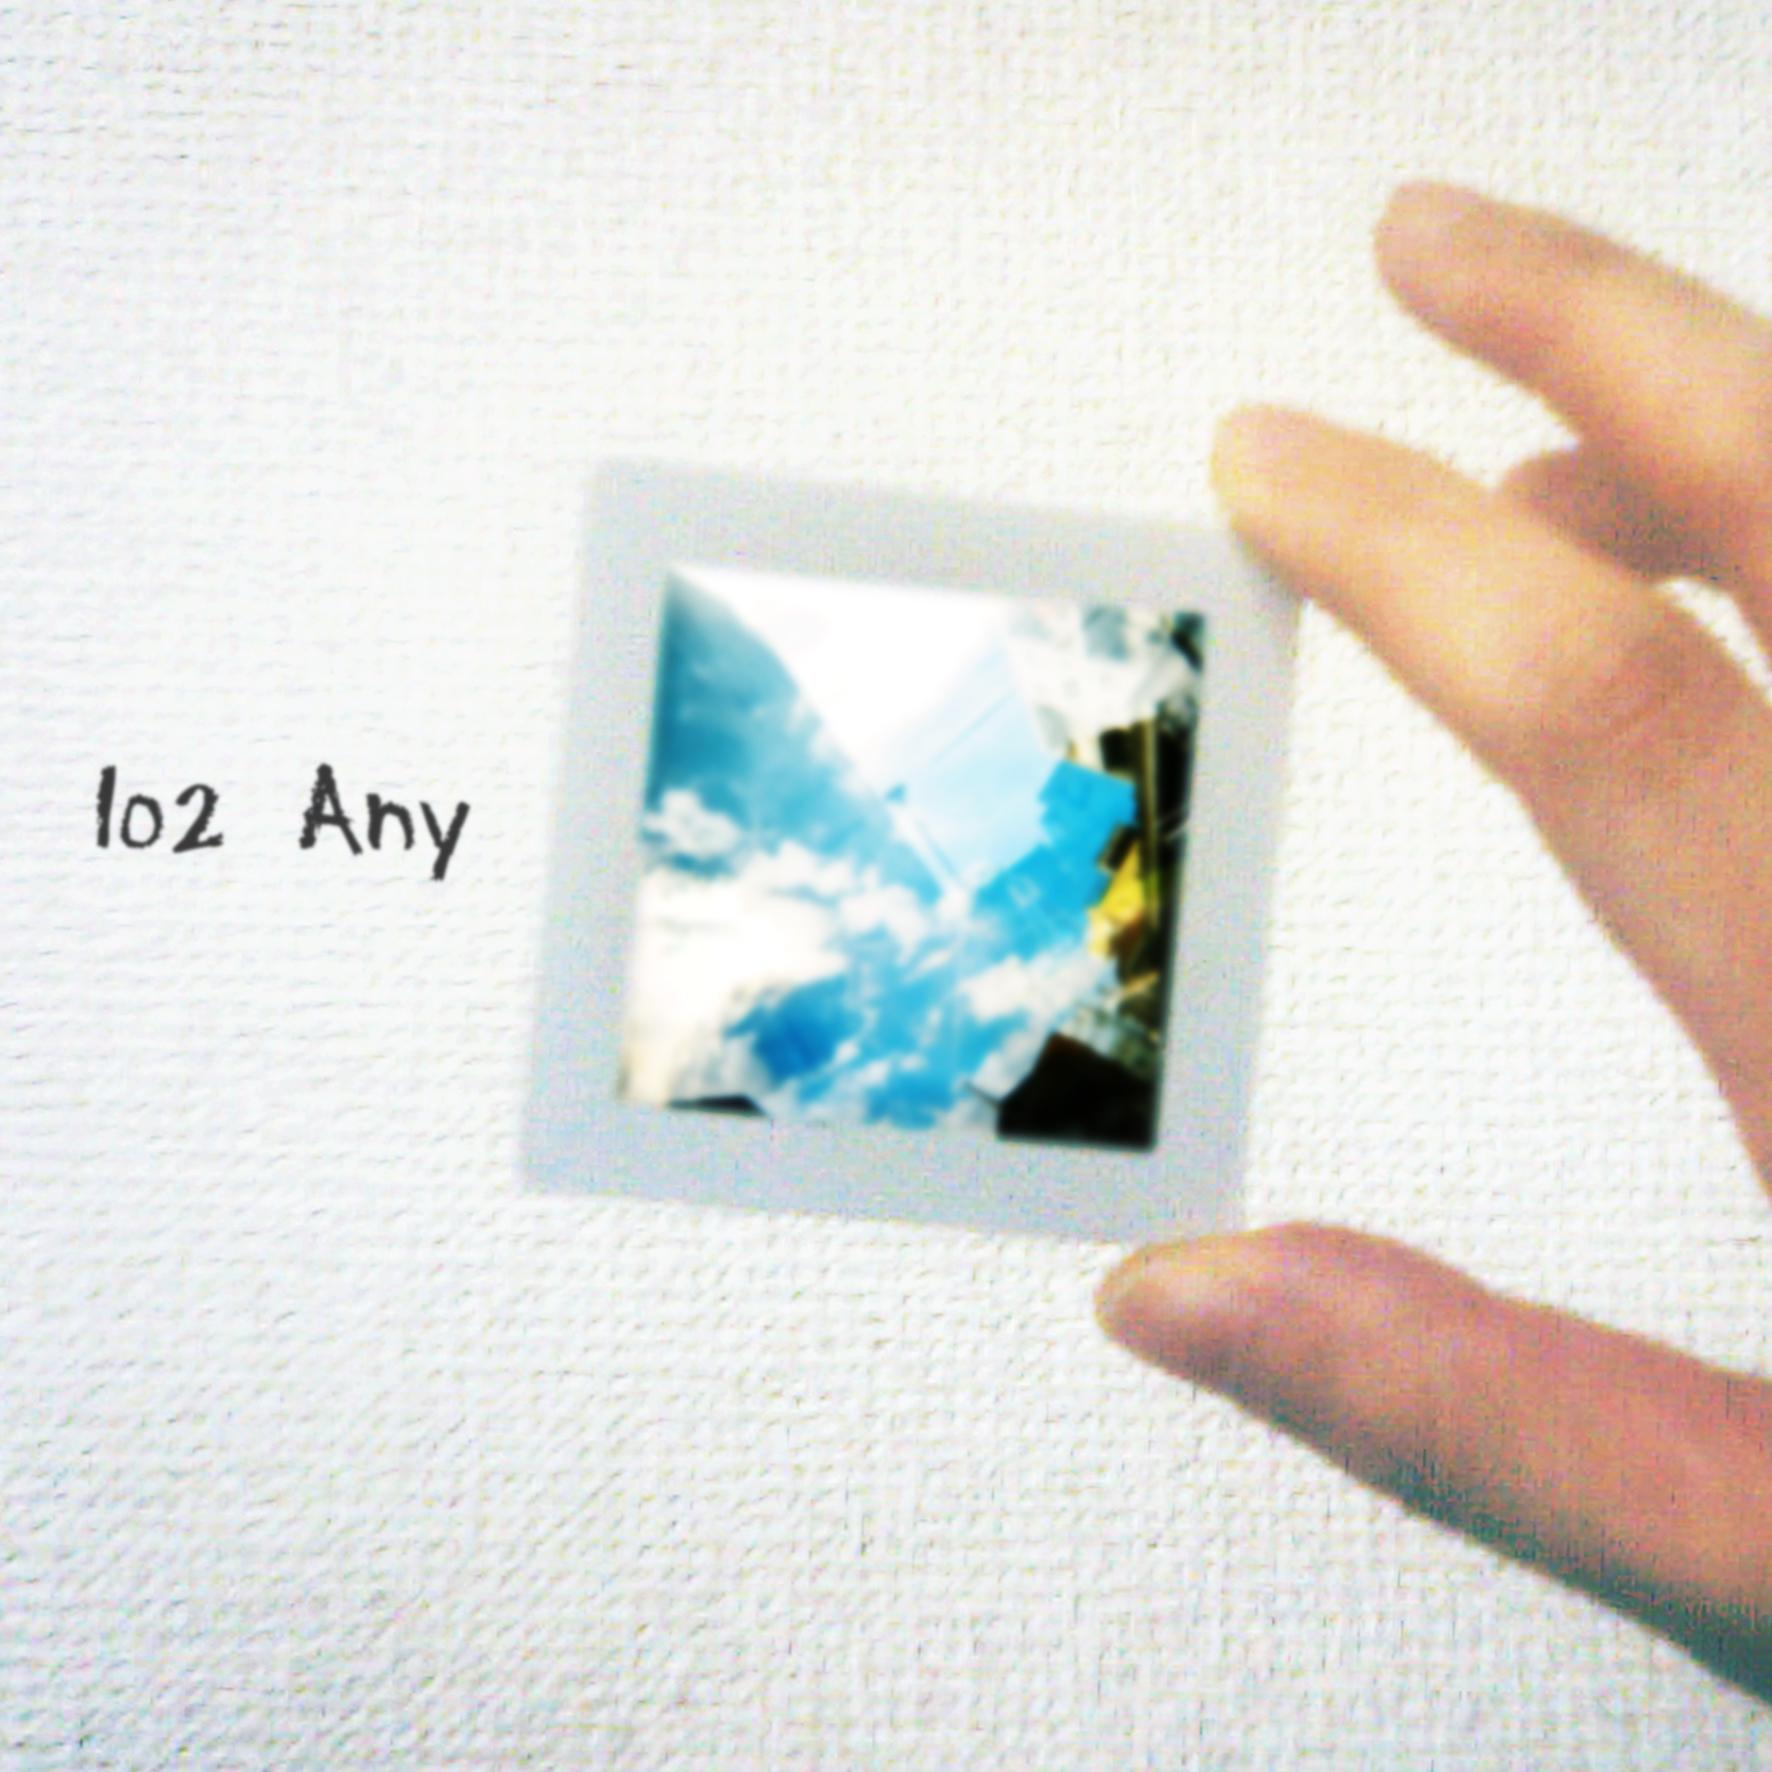 Any102